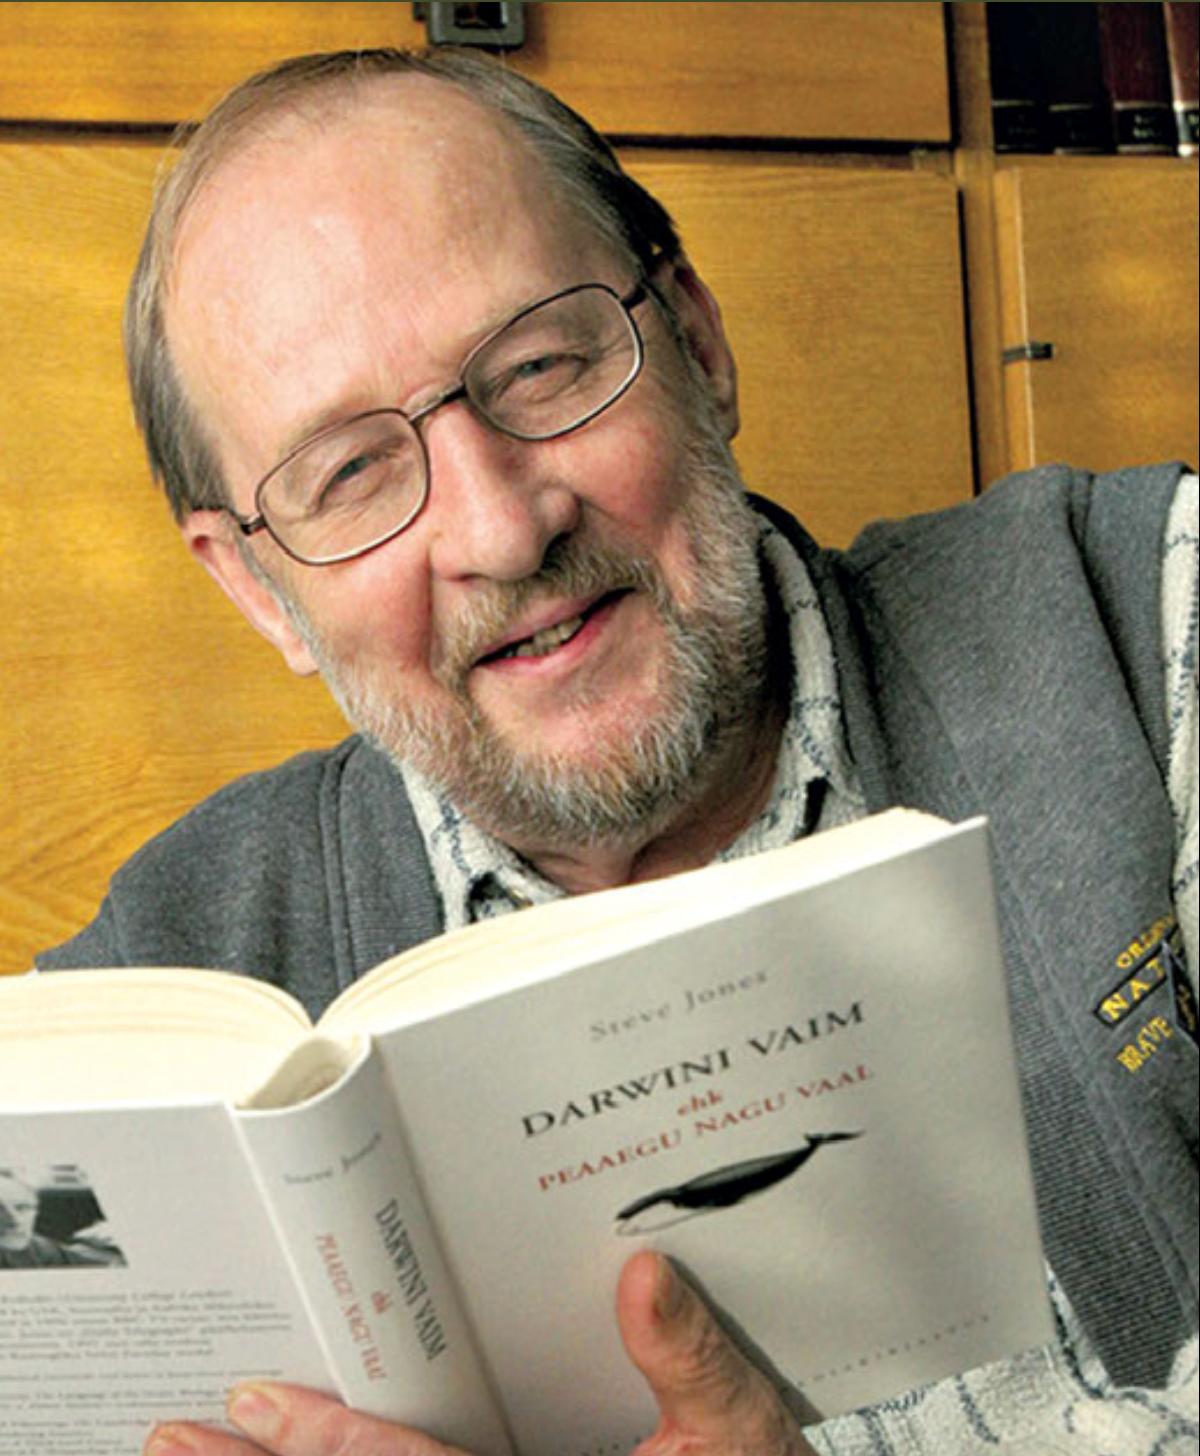 Mart Viikmaa, elutöö preemia laureaat aastal 2008